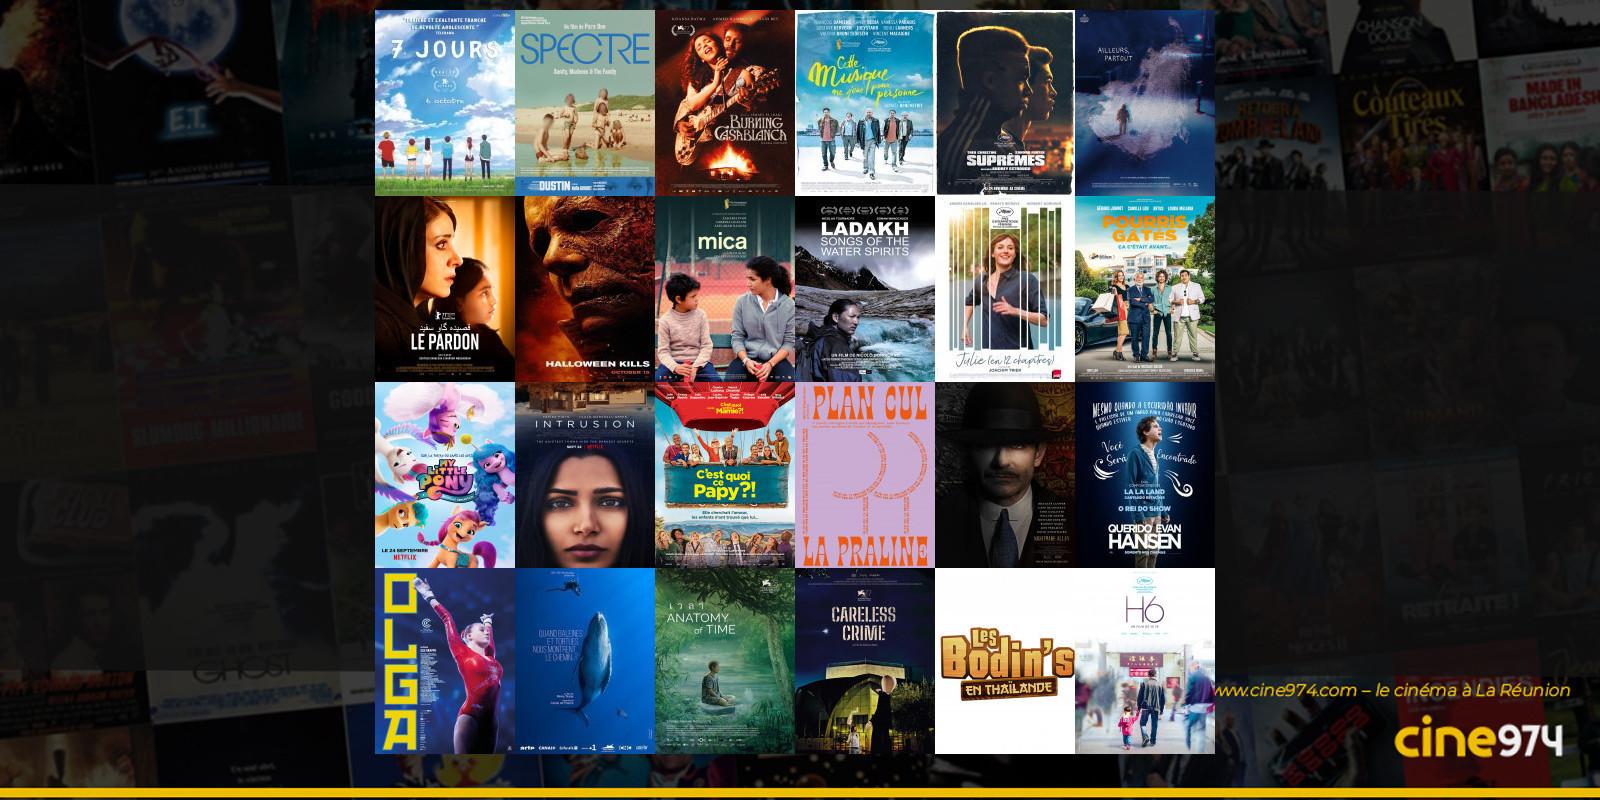 cine974 2021-09-25-bandesannonces